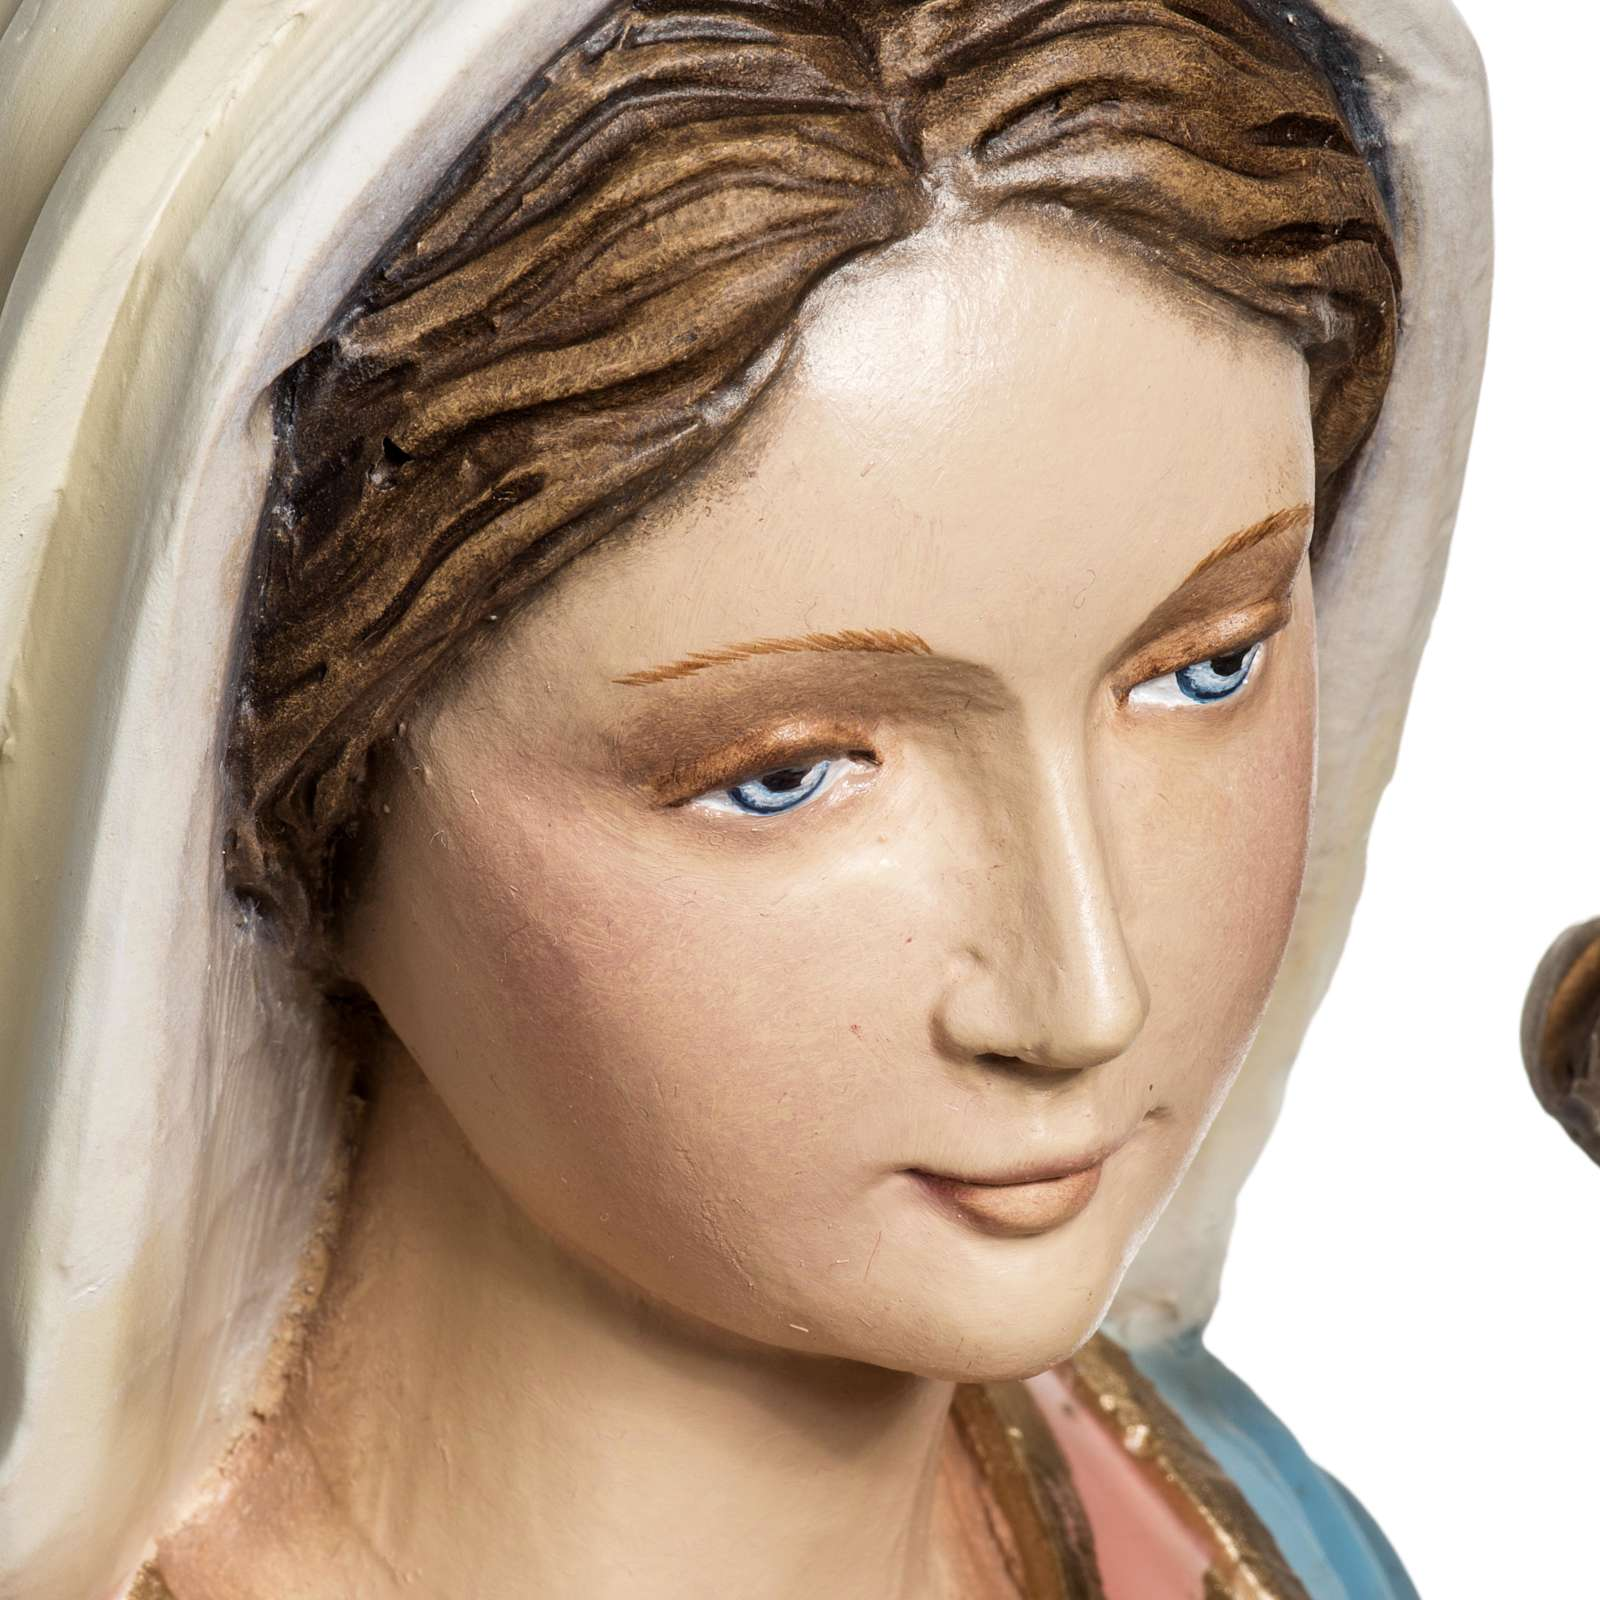 Vierge à l'enfant 60 cm figre de verre 4